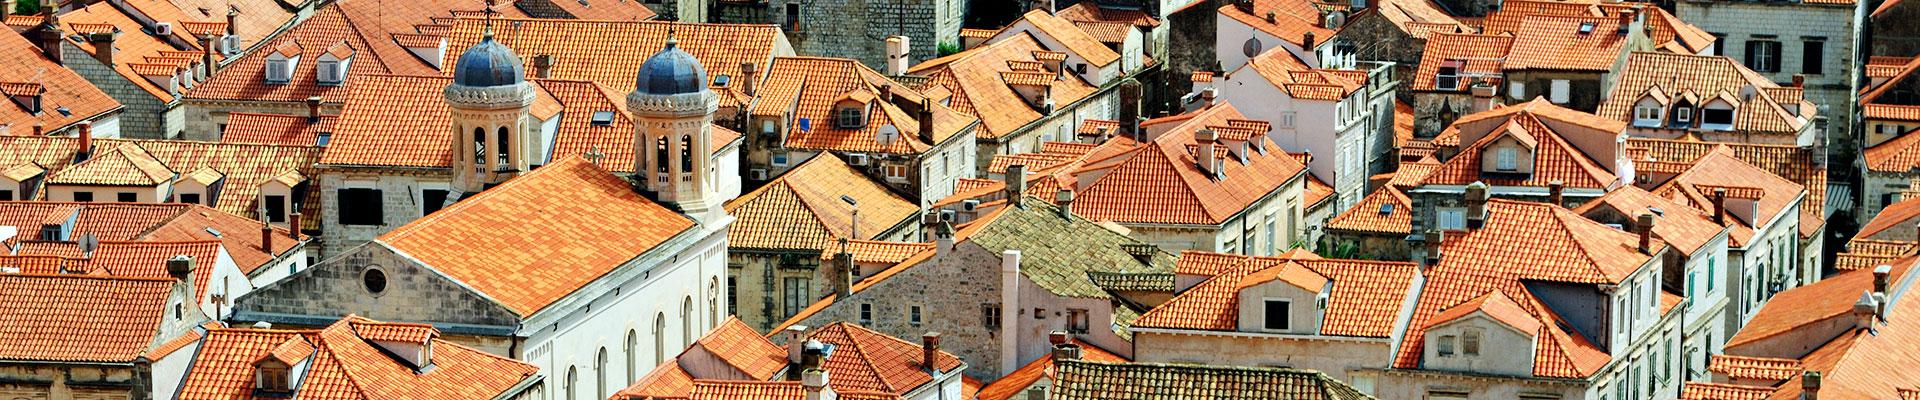 Top image toits de la vieille ville de Dubrovnik, Croatie